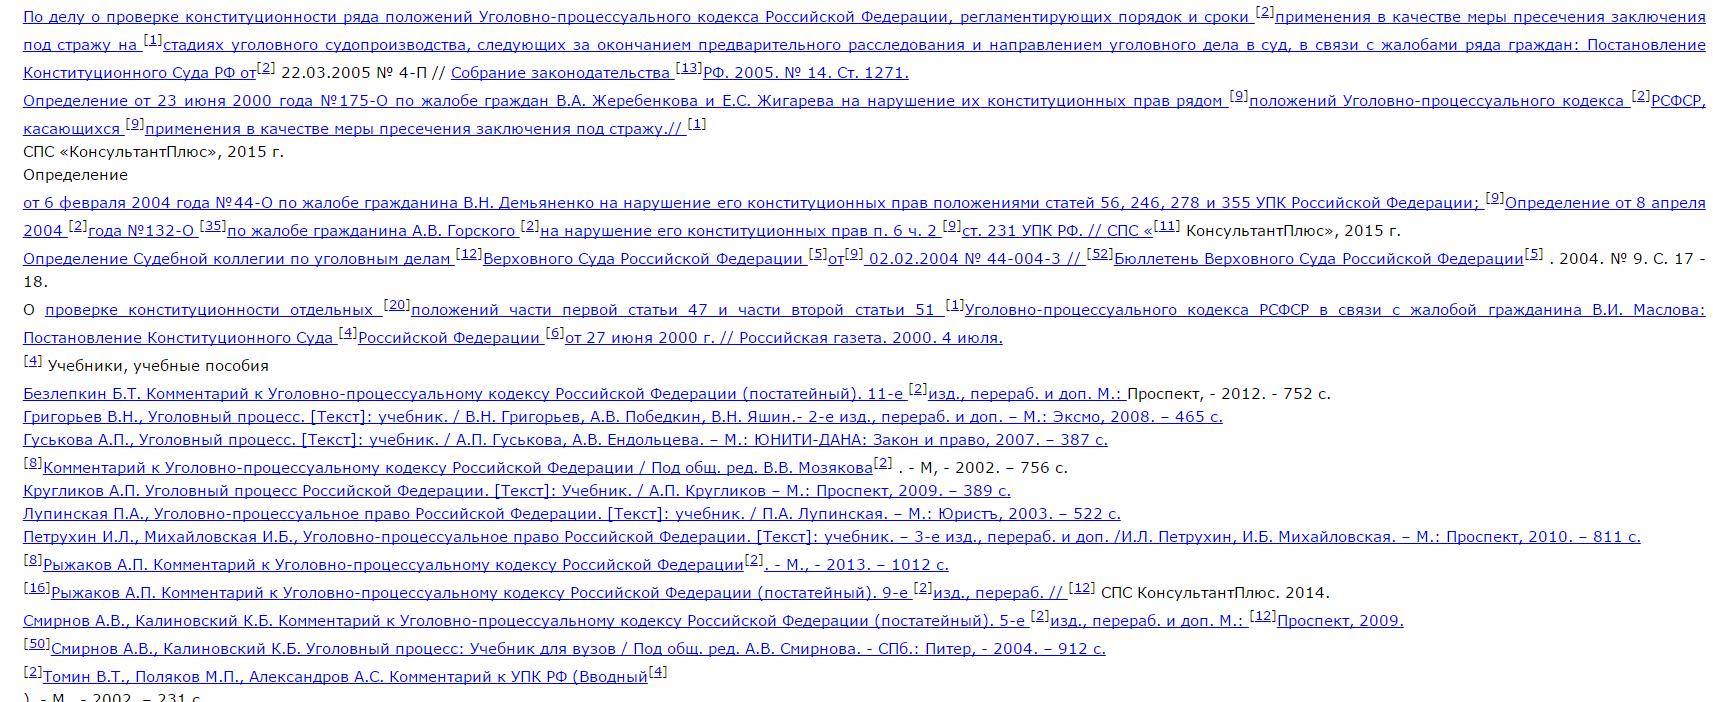 ru Антиплагиат экспресс Как лучше проверять диплом на  Подстрочные ссылки и сноски также являются заимствованием и по своей величине текста объем должен быть равен списку литературы